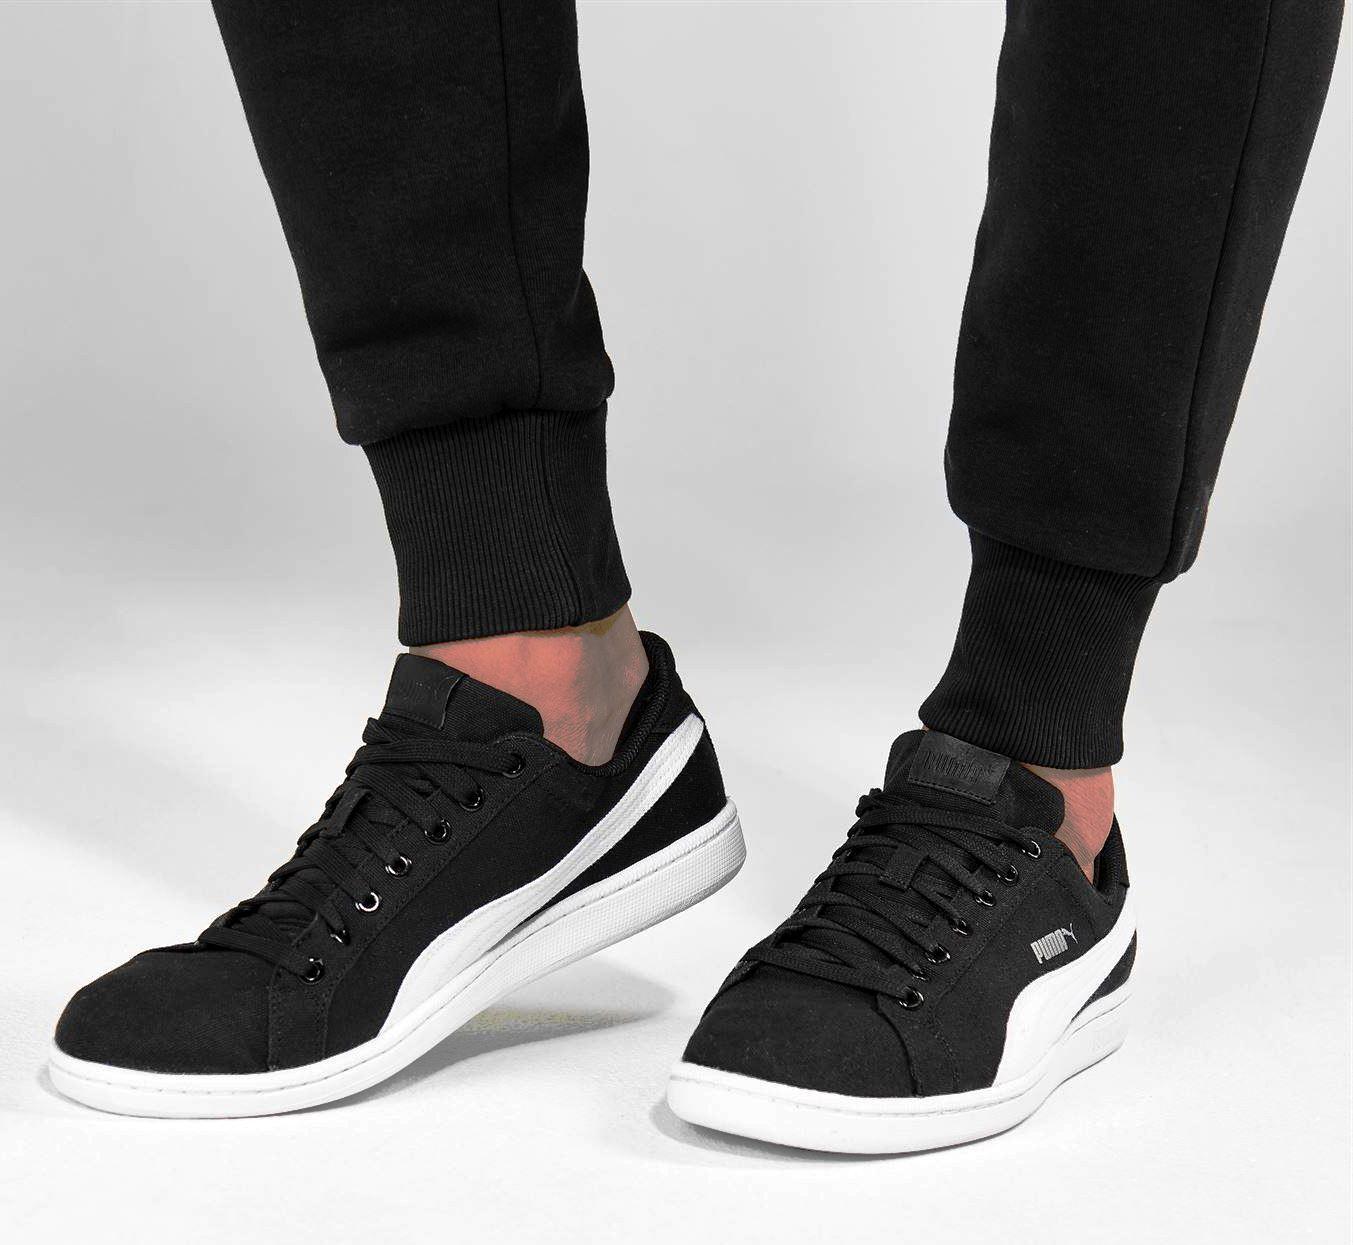 Zapatos de hombre gimnasia zapatillas Puma Smash Lona hombres Entrenador